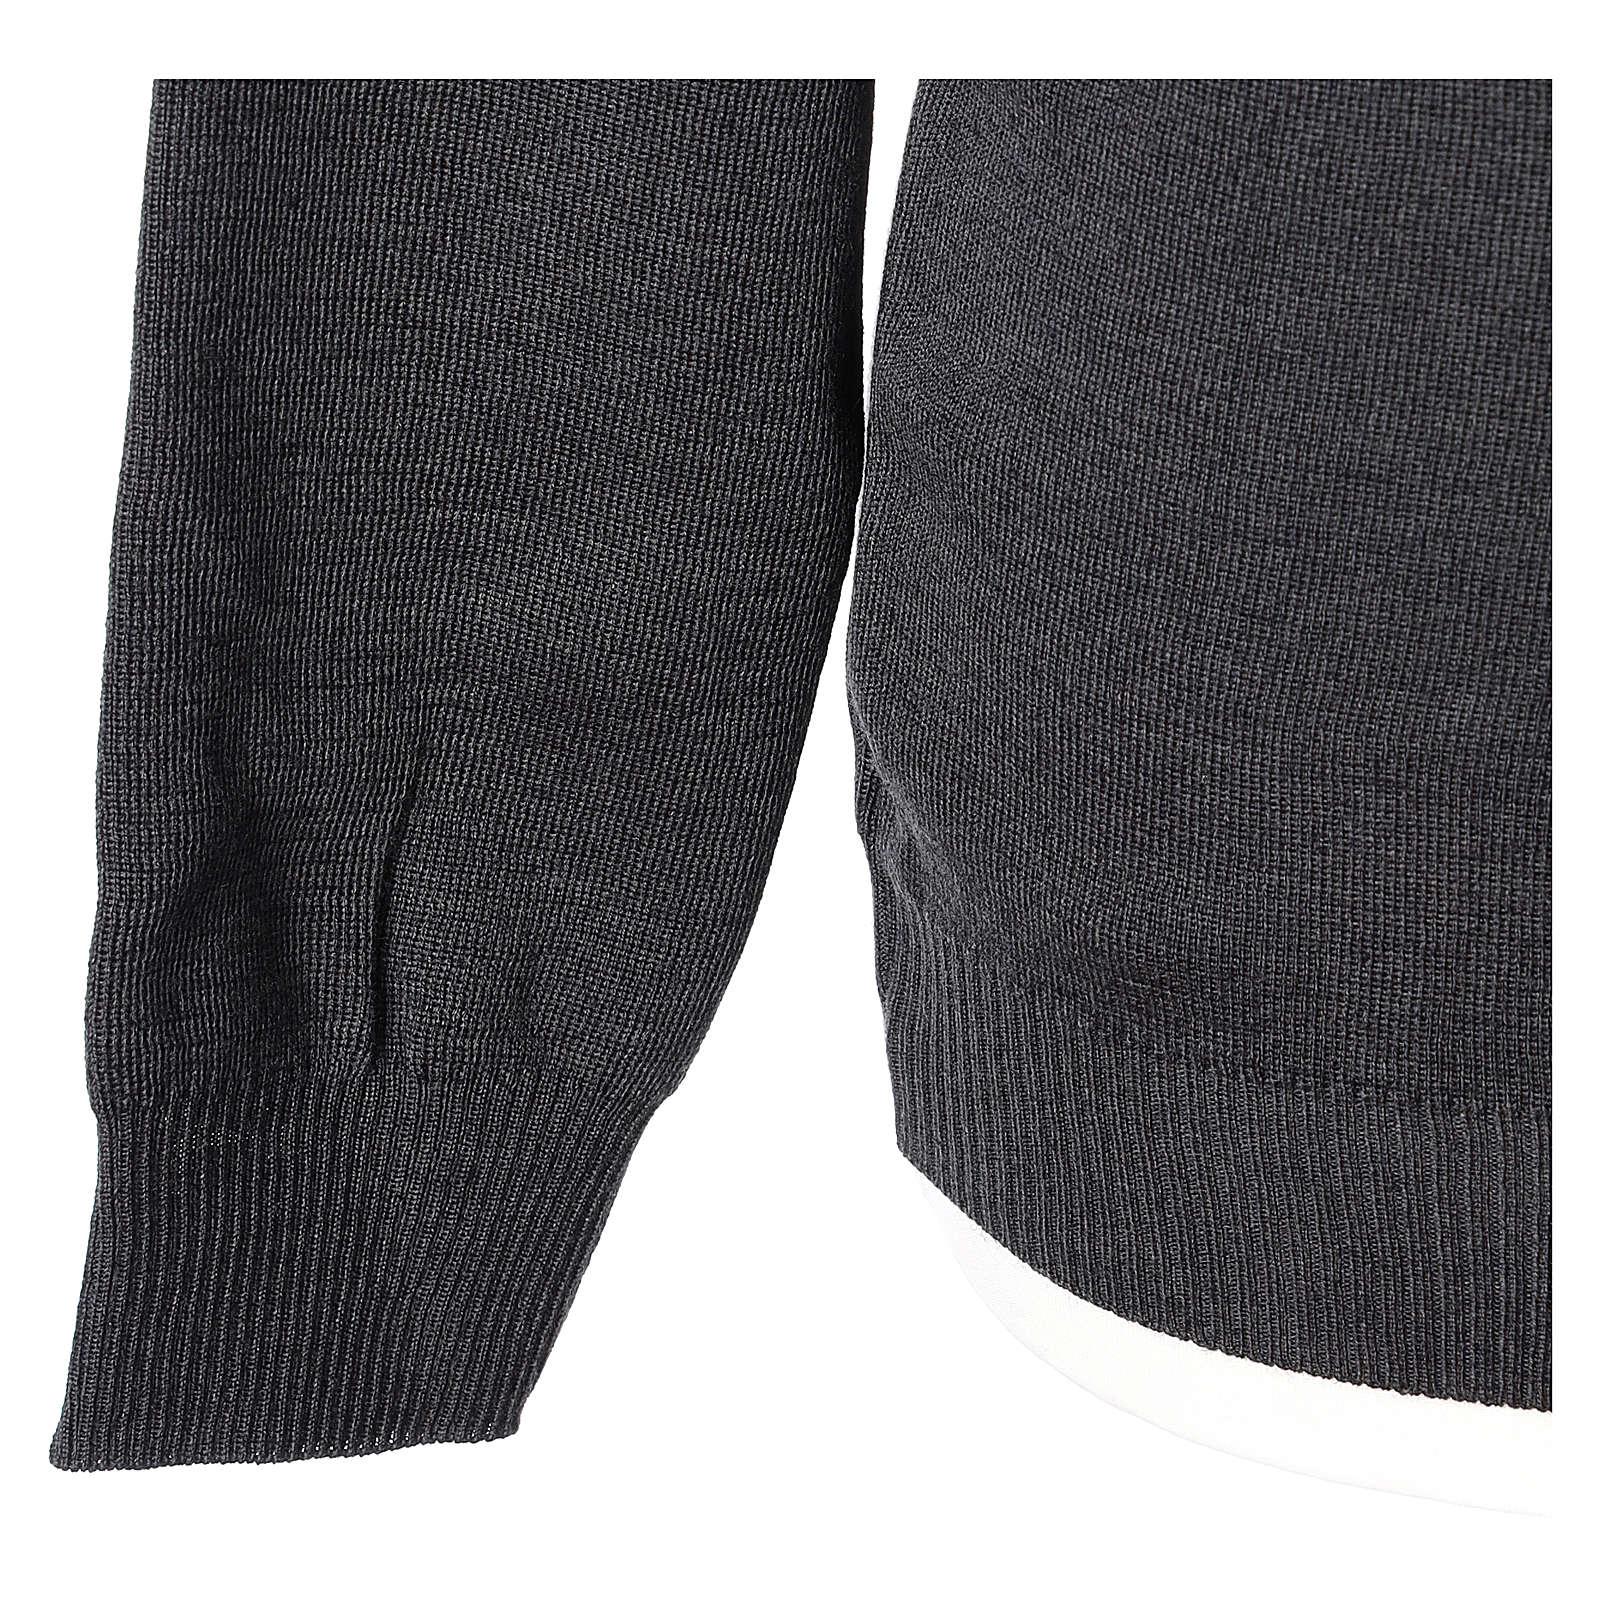 Pull prêtre ras-de-cou gris anthracite jersey simple 50% laine mérinos 50% acrylique In Primis 4